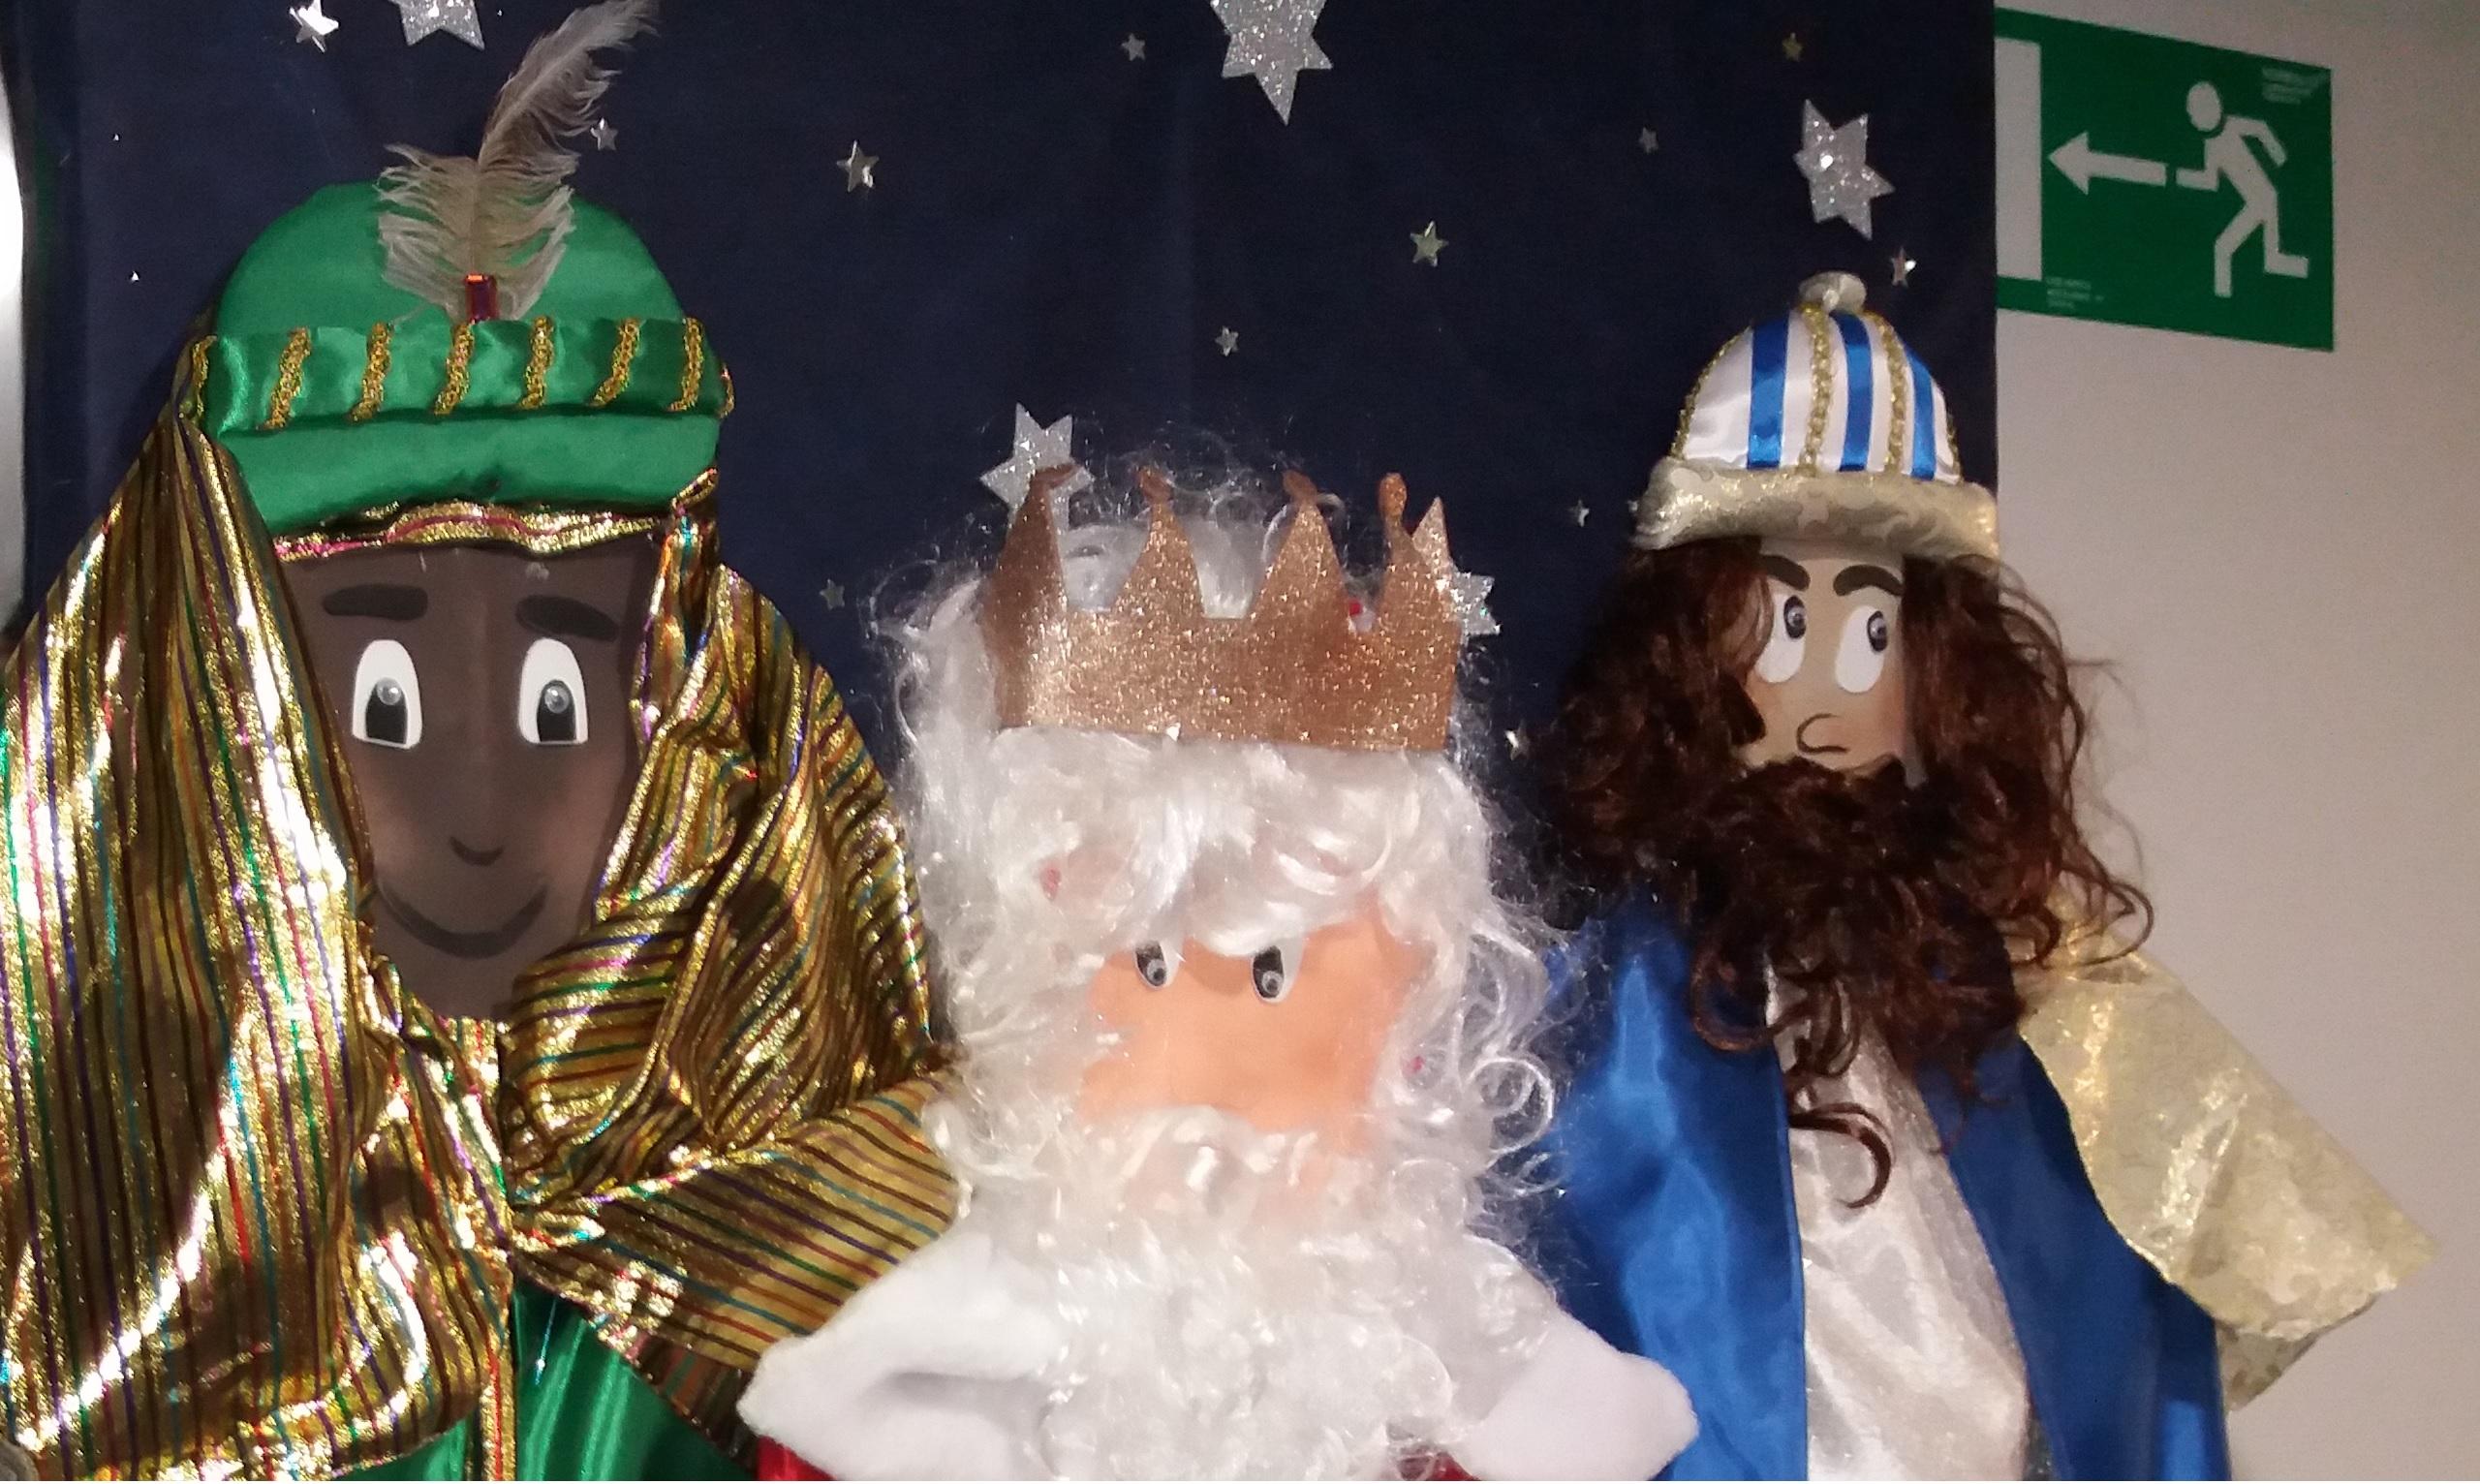 Heilige 3 Könige Feiertag Nrw